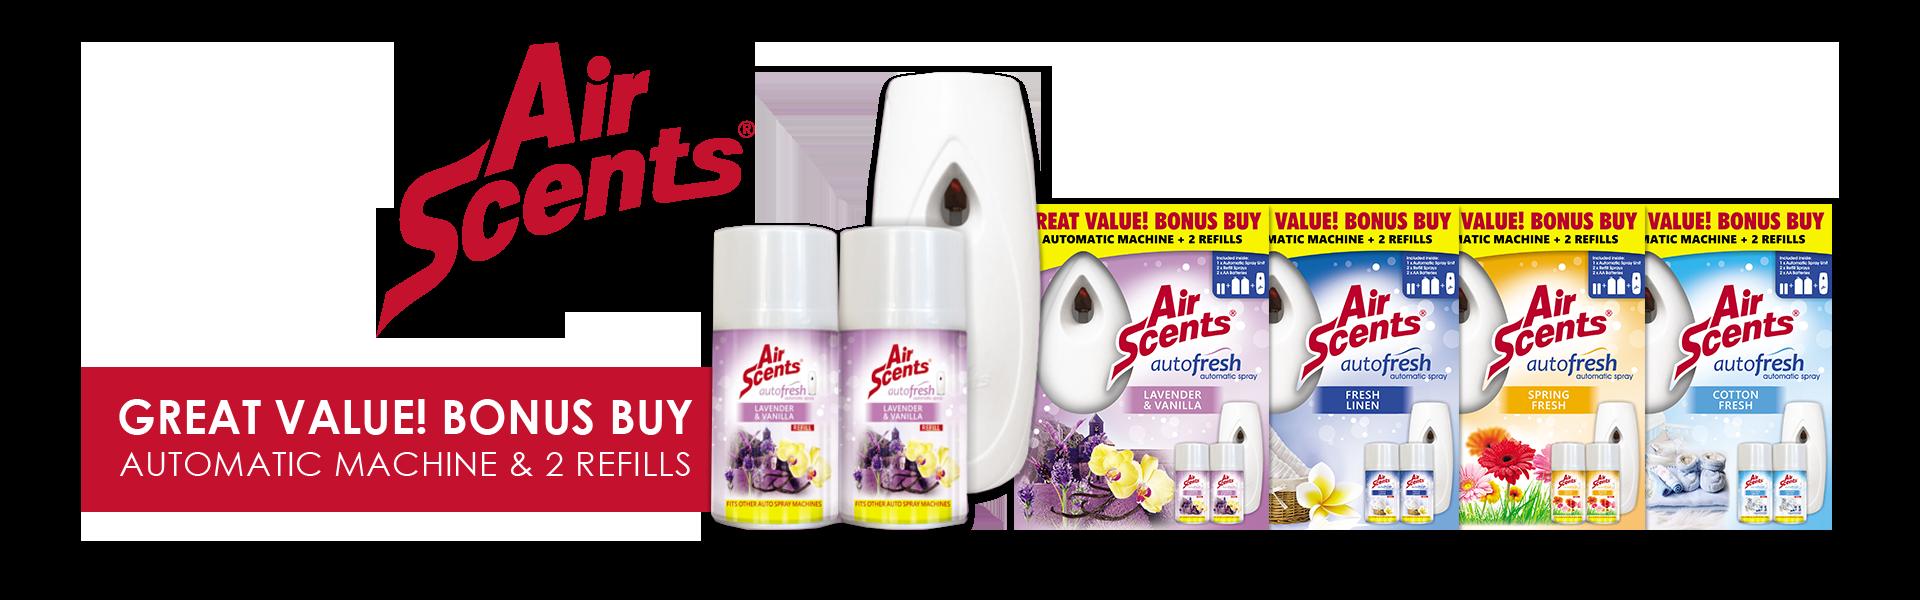 airscents-header-autofresh-2-refill-machines